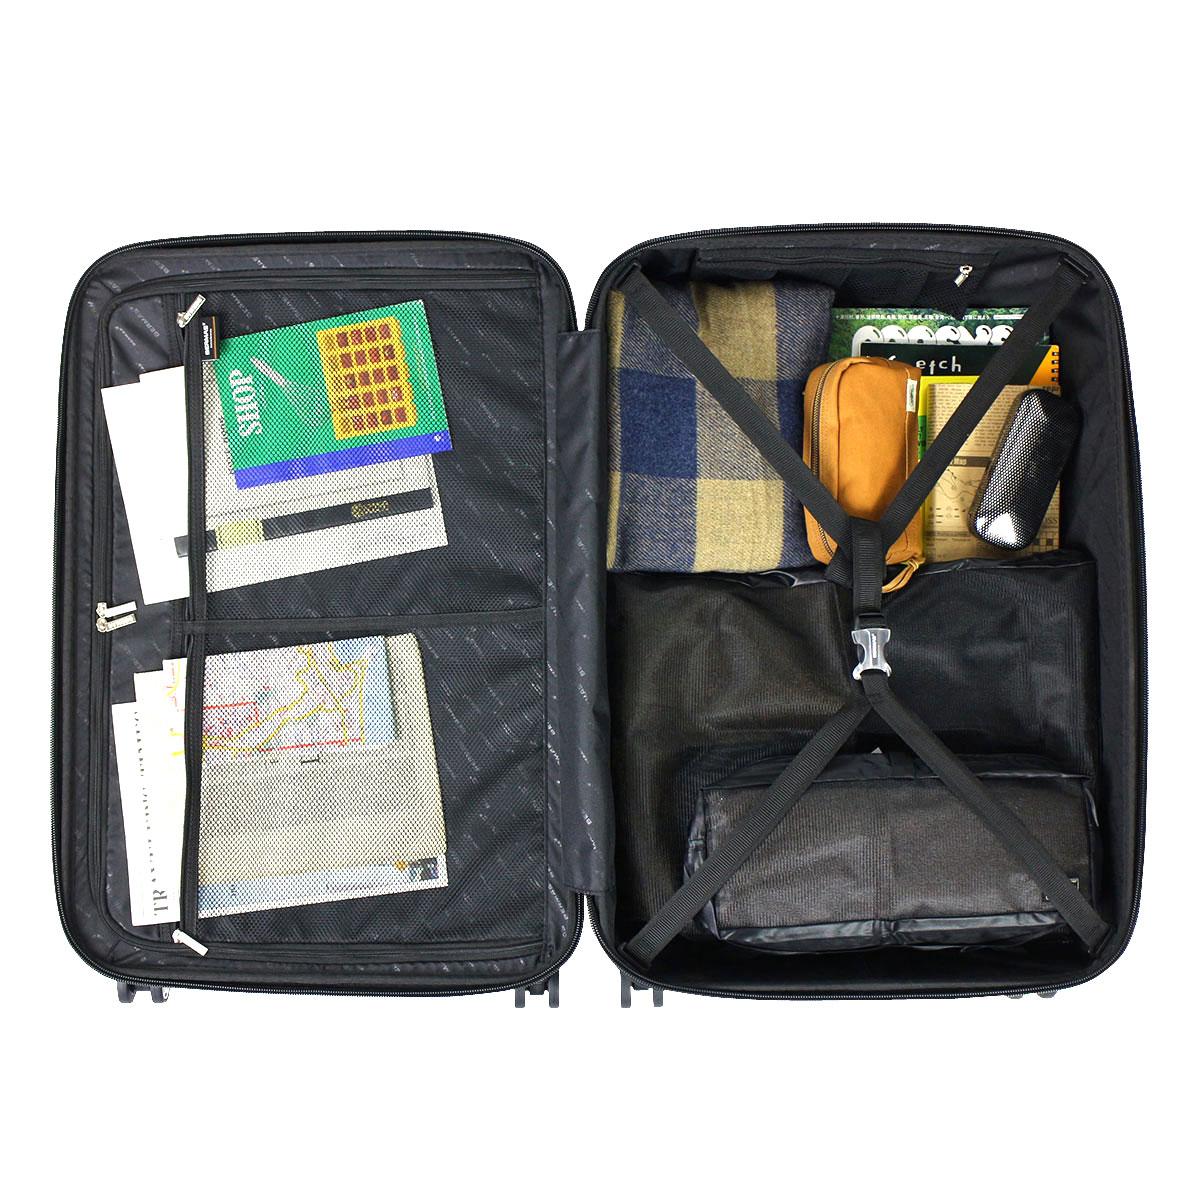 巴茅斯手提箱 BERMAS 巴茅斯手提箱威望 2 威望 II 进行案例拉链 83 L 大 L 大小 TSA 锁 7-10 天晚上大约 4 轮硬轻旅游袋旅行袋 60264